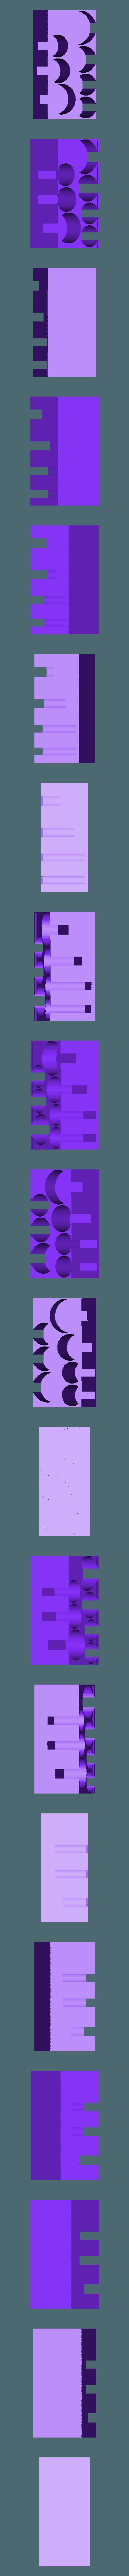 Scythe_Coin_Holder.stl Télécharger fichier STL gratuit Porte-monnaie Scythe avec couvercle - Carton & Monnaies en métal • Design imprimable en 3D, FedorSosnin